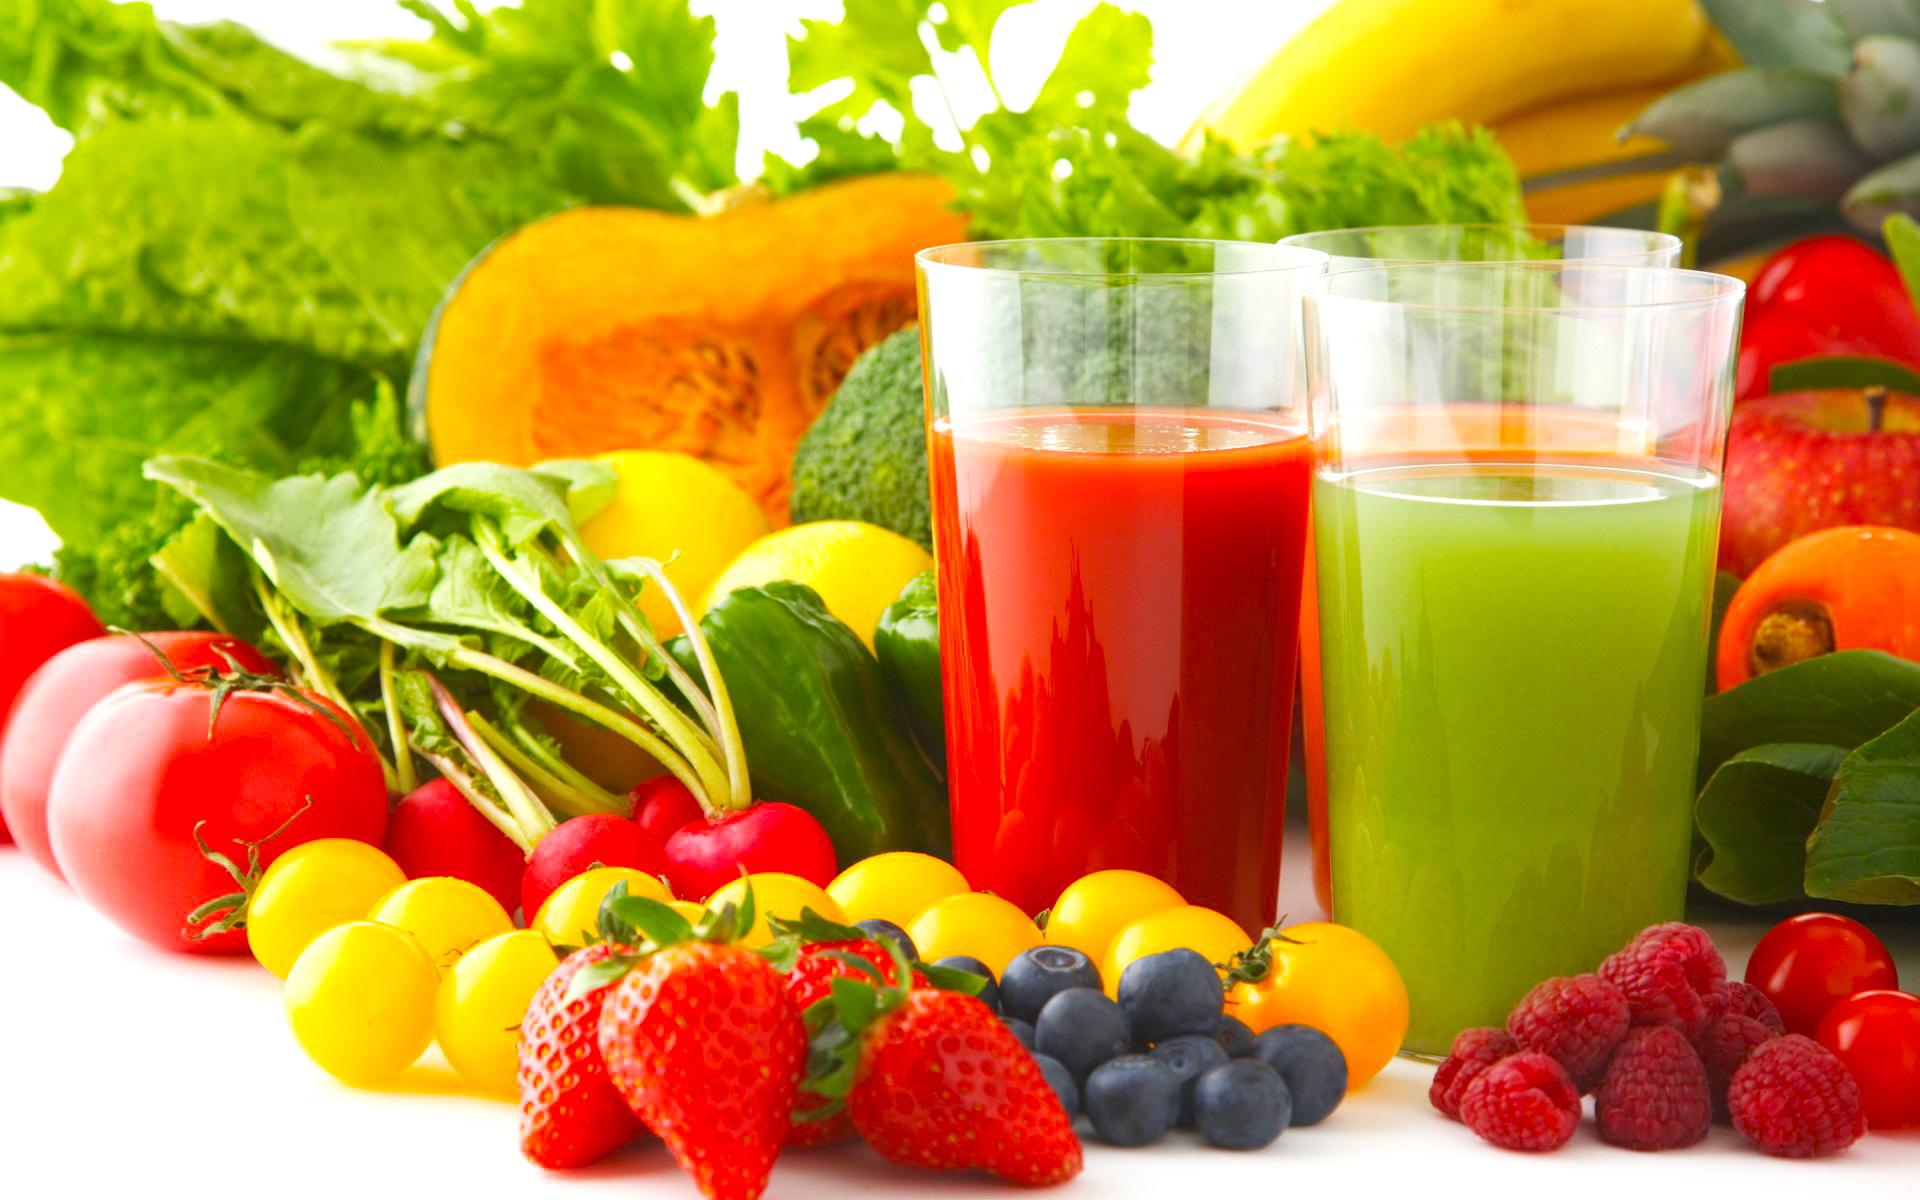 Лимонадная диета возвращается: Группа Фитнес и диеты